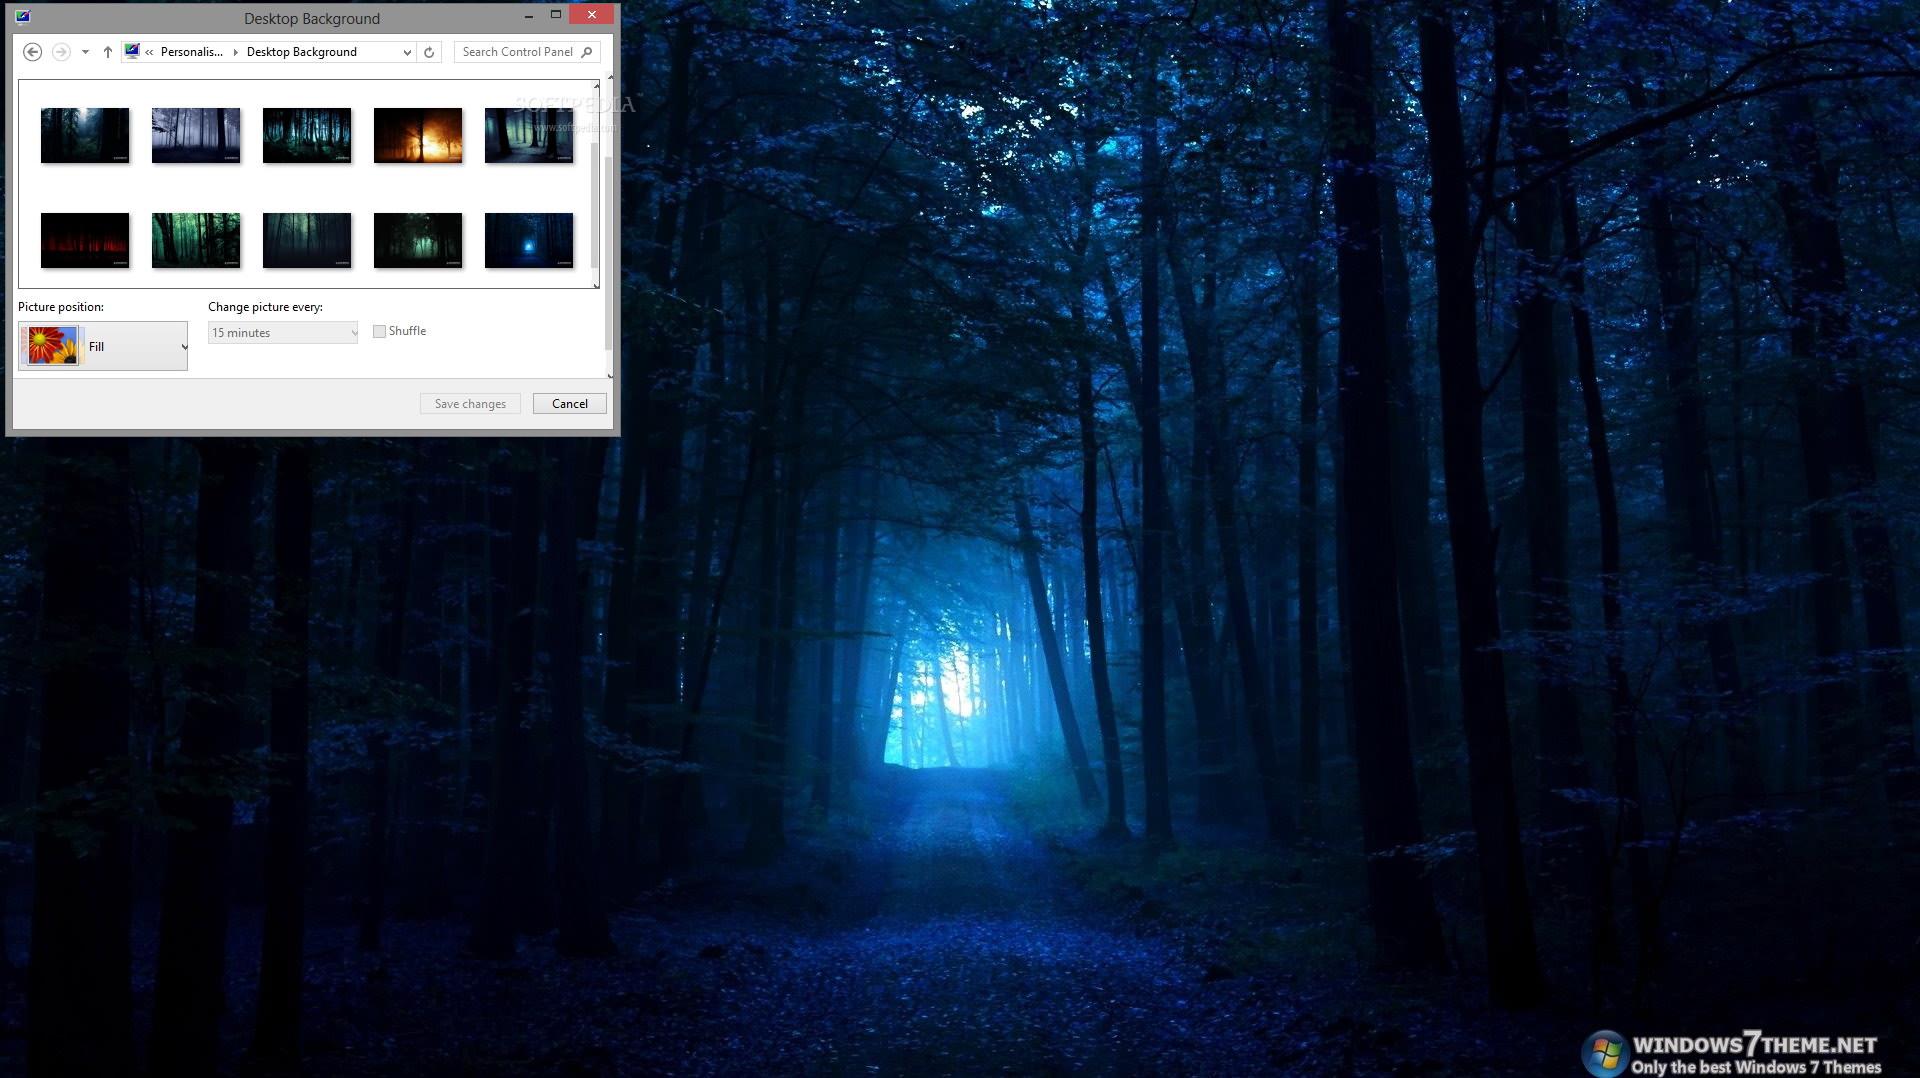 Dark Forest Windows 7 Theme